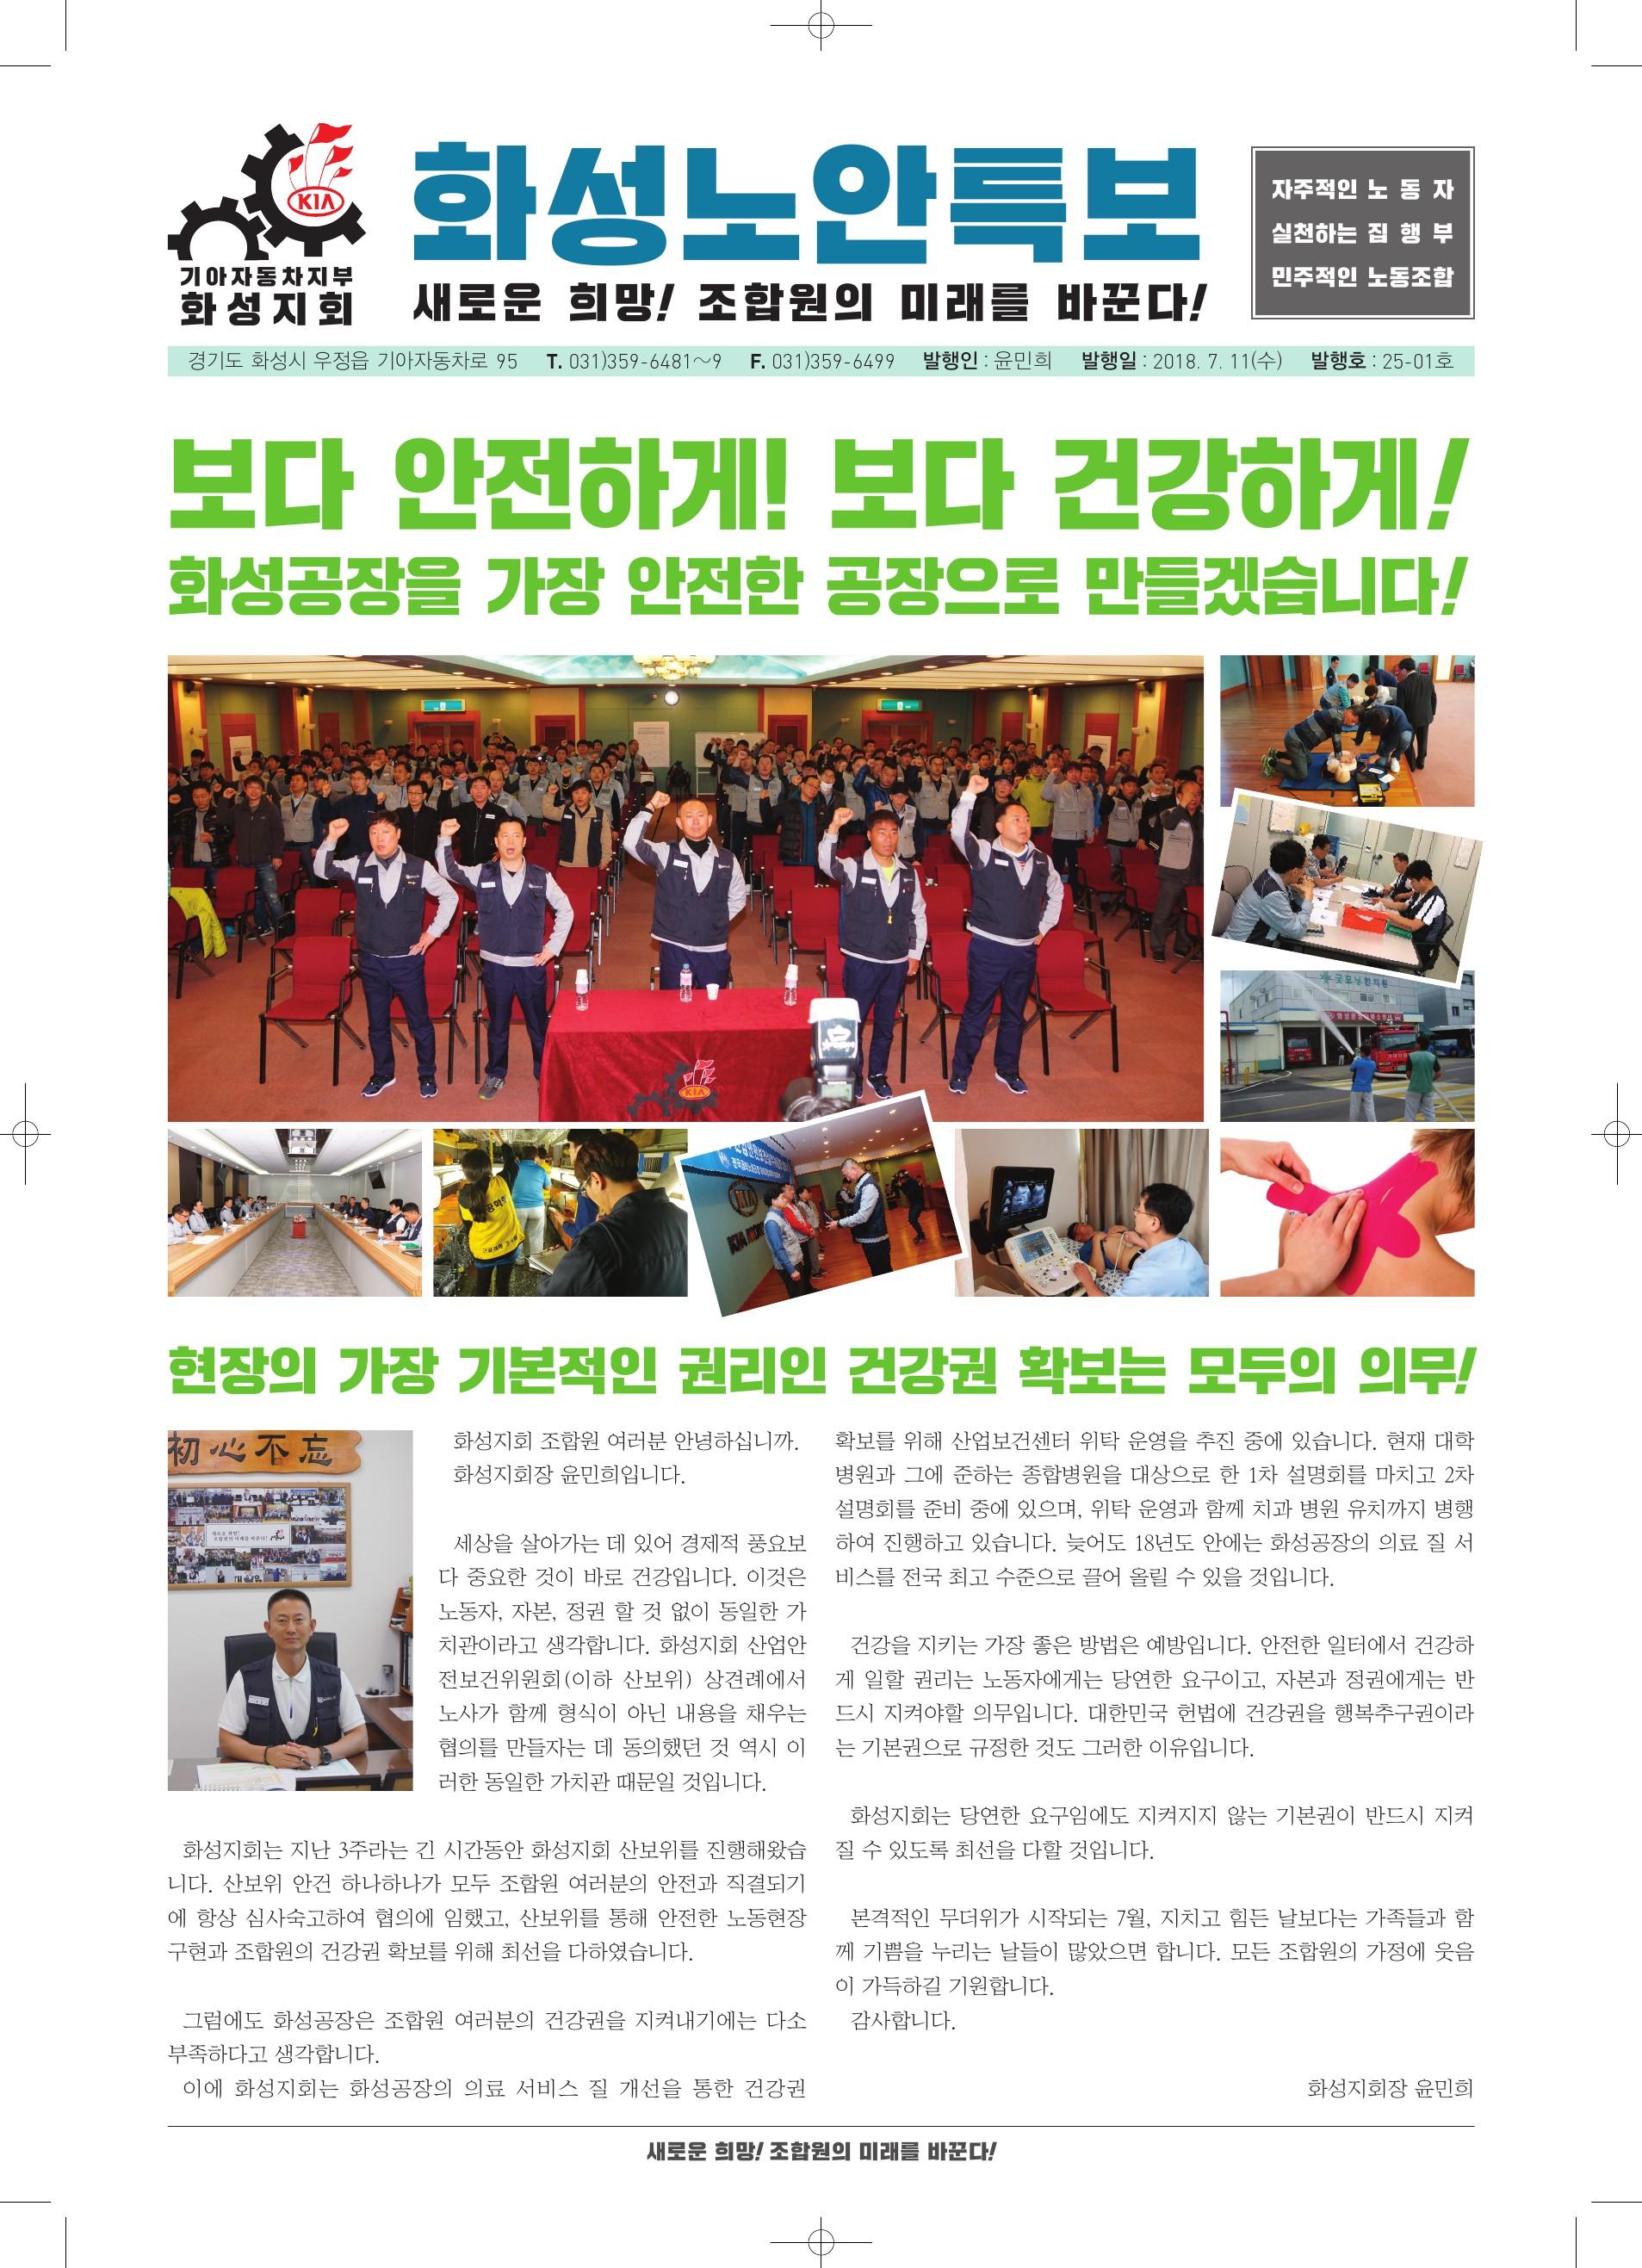 화성노안특보-최종 인쇄-1.jpg